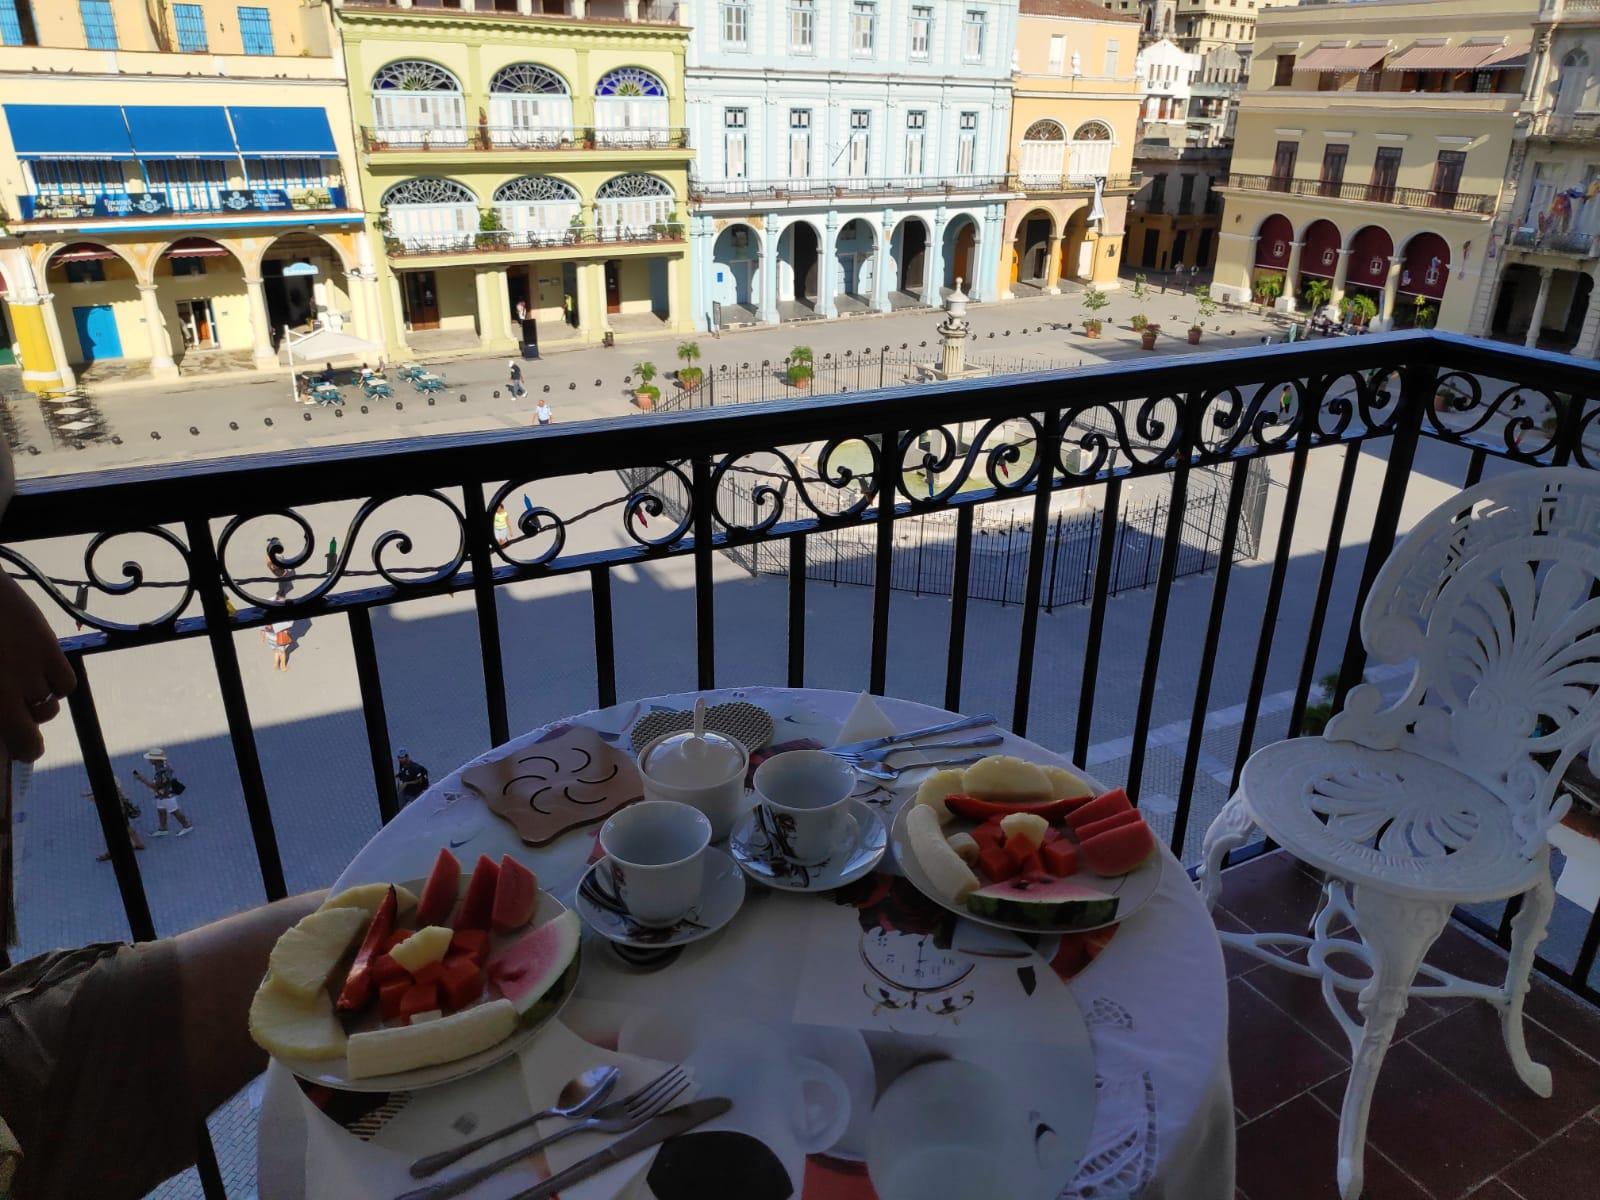 plaza-vieja-view-breakfast